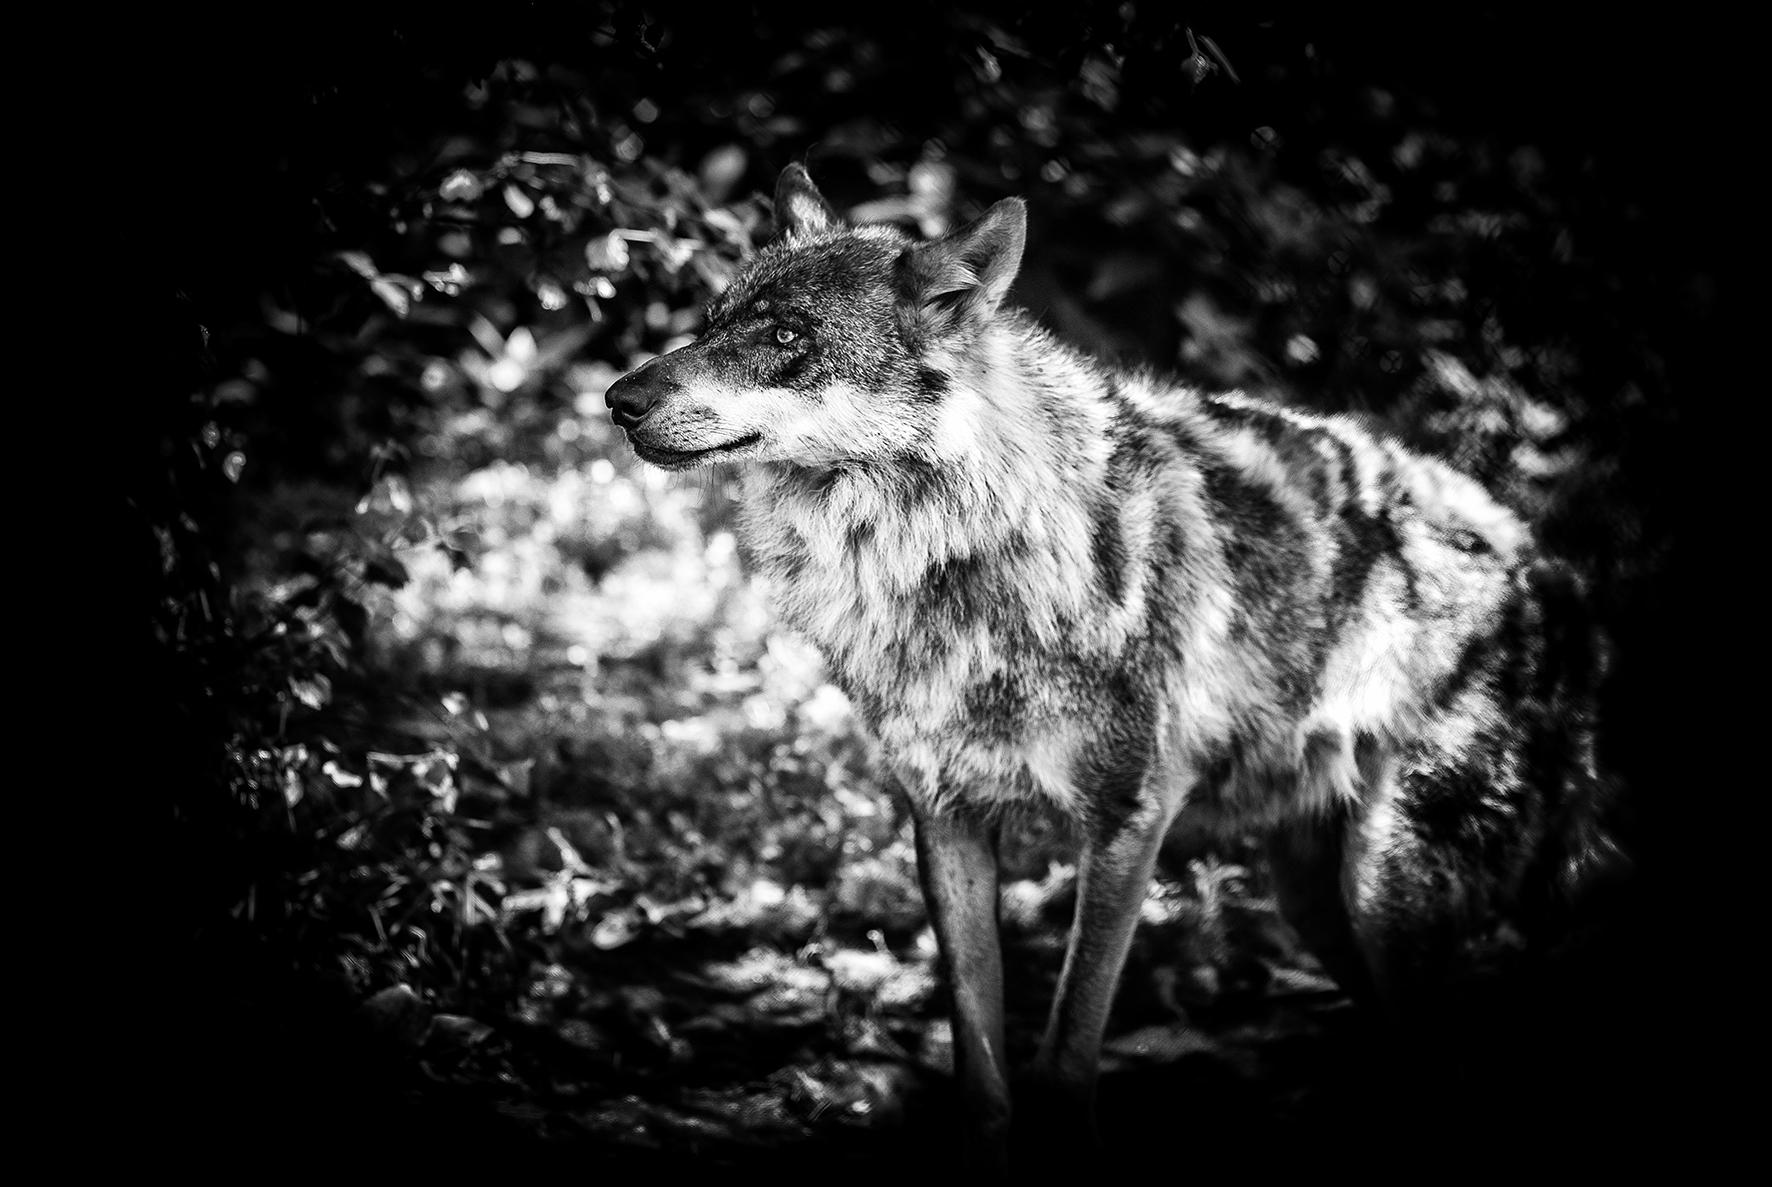 wolf-06062016-4614-2.jpg